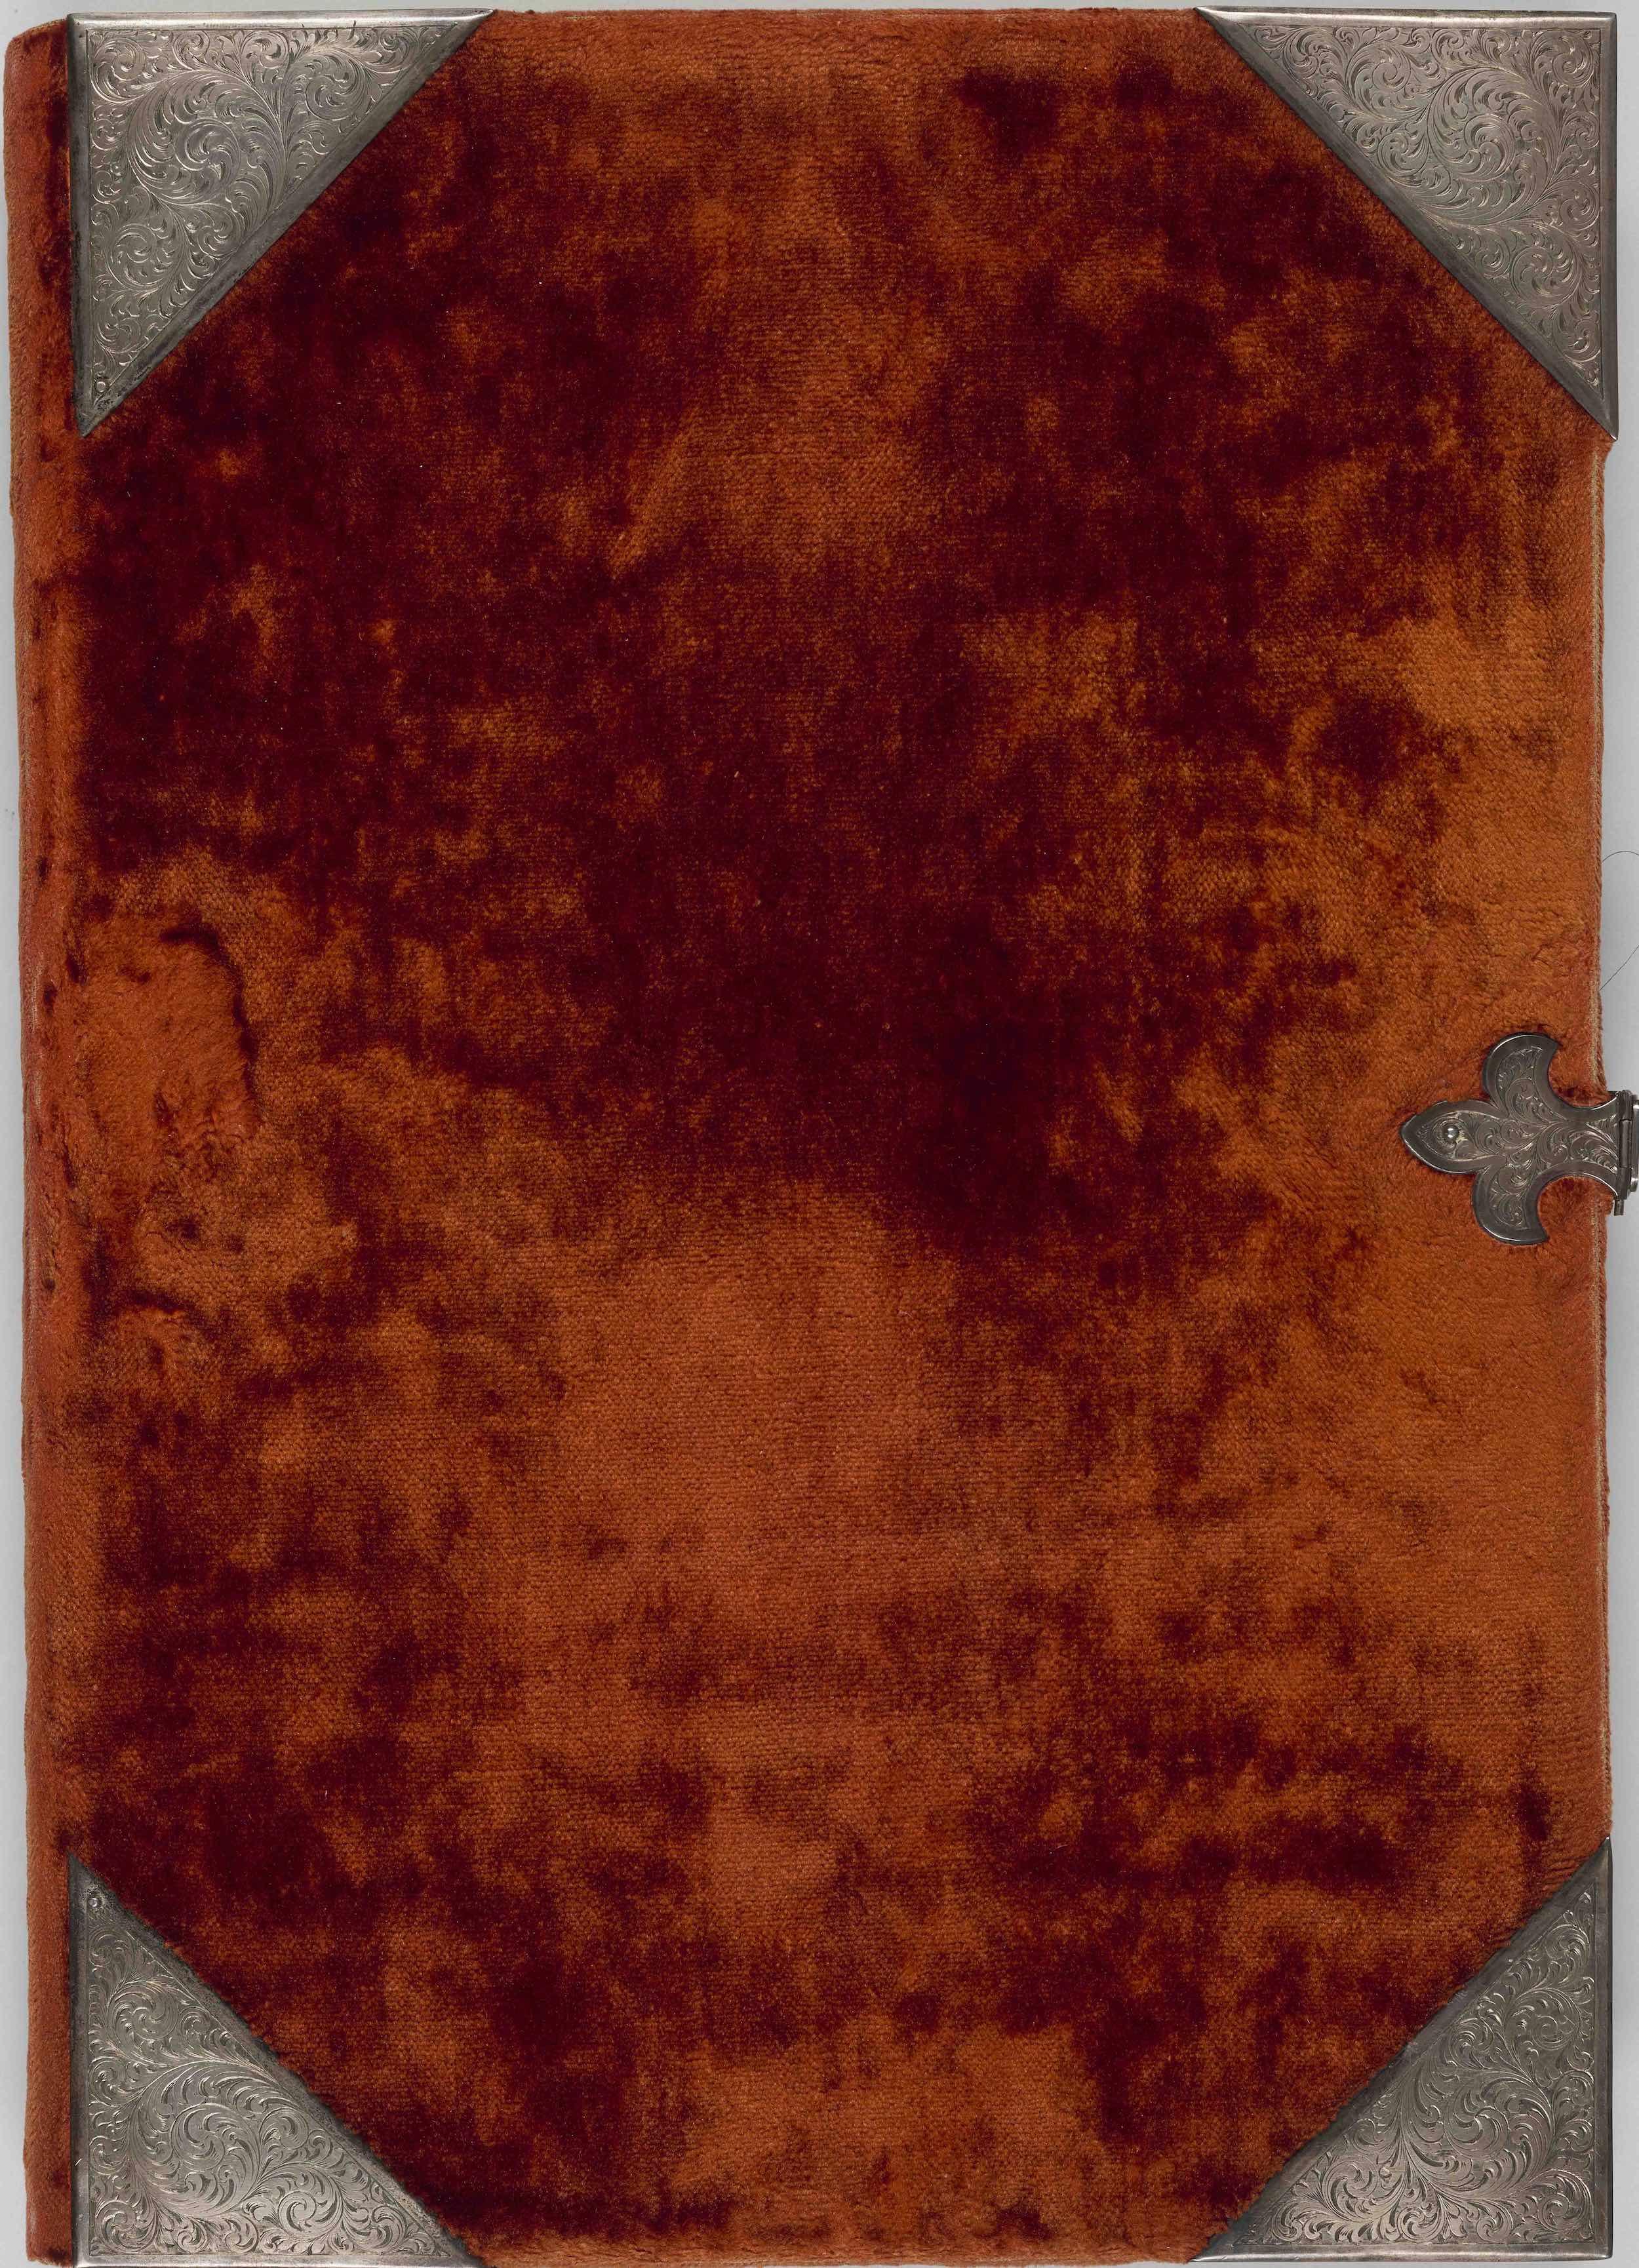 Cobertura original del manuscrito del Apocalipsis de Berry